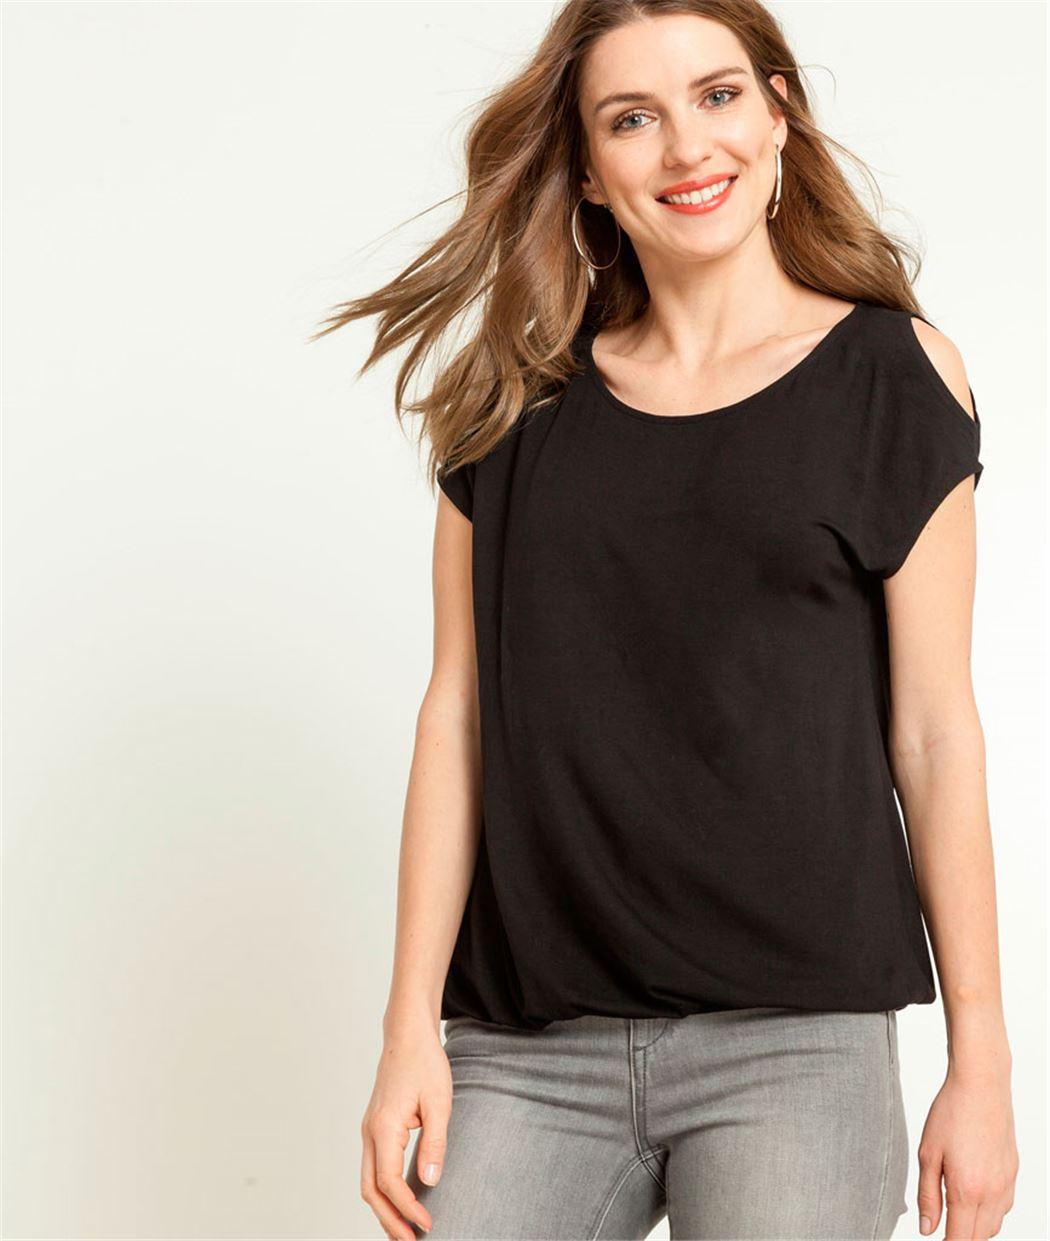 T-shirt femme épaules ouvertes NOIR